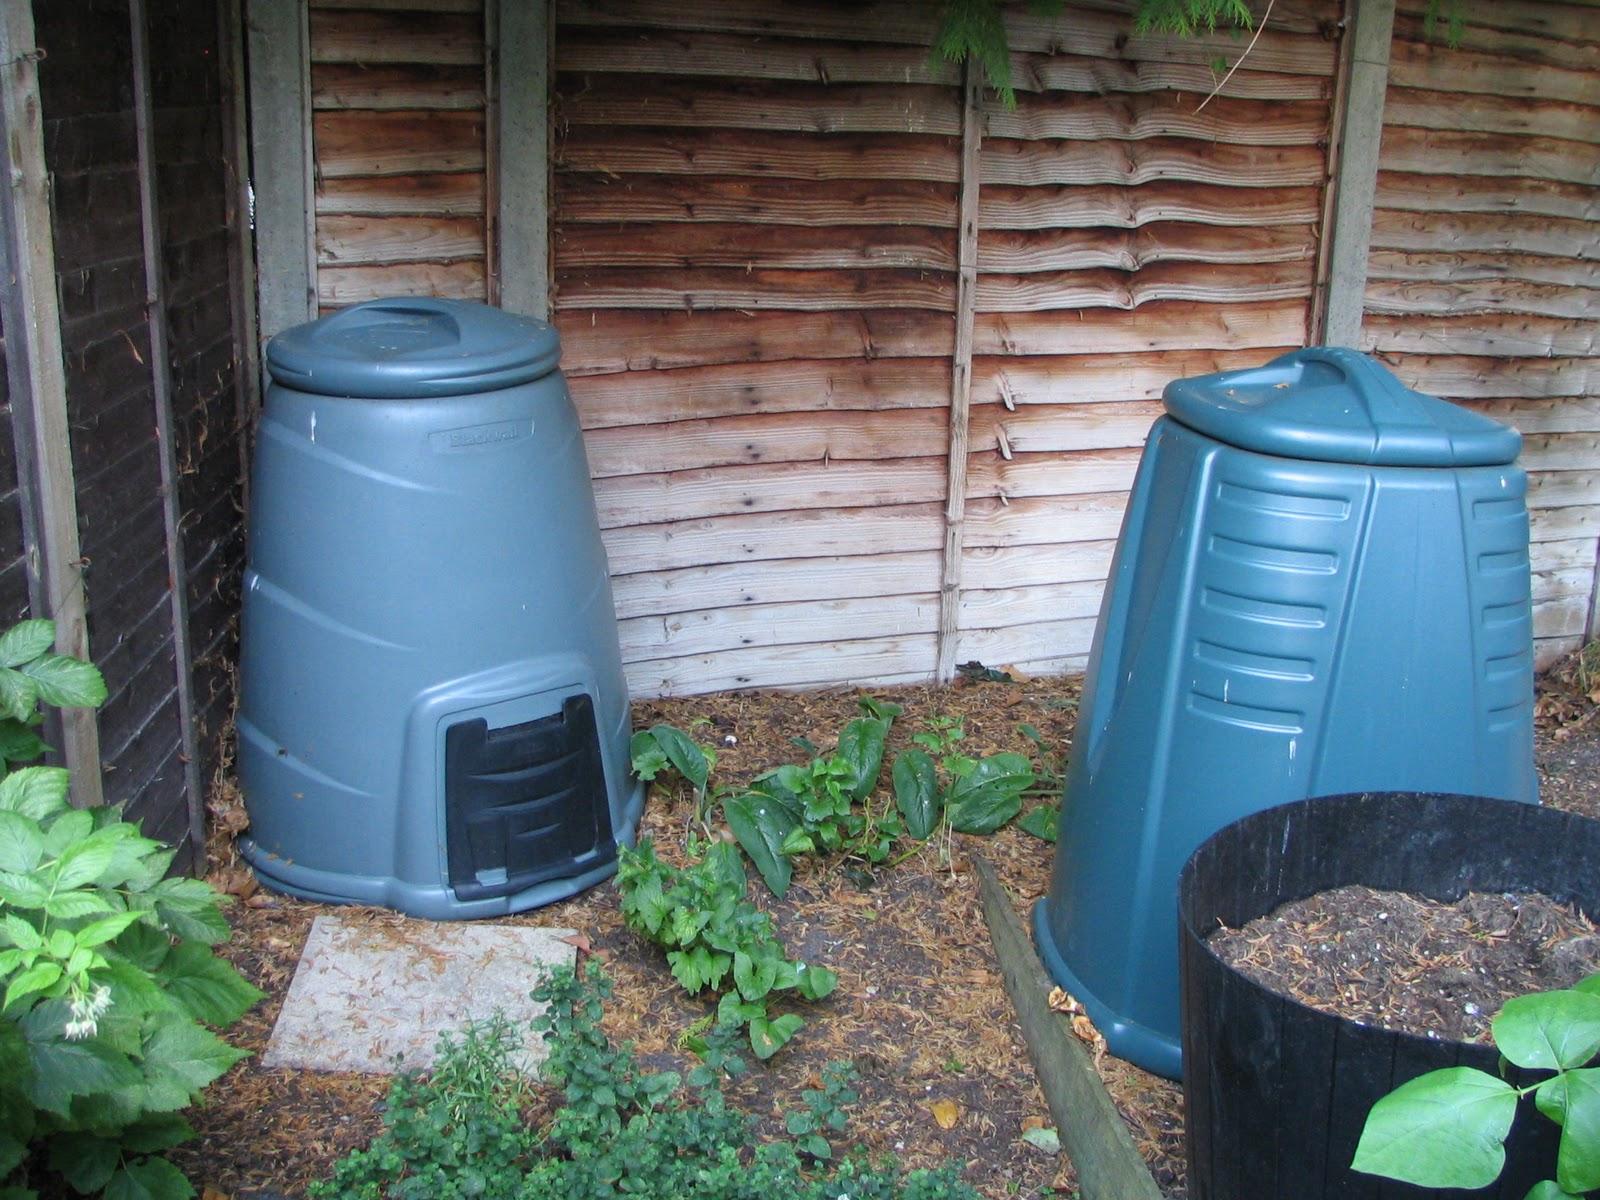 Mark's Veg Plot: Subsidised Compost Bins